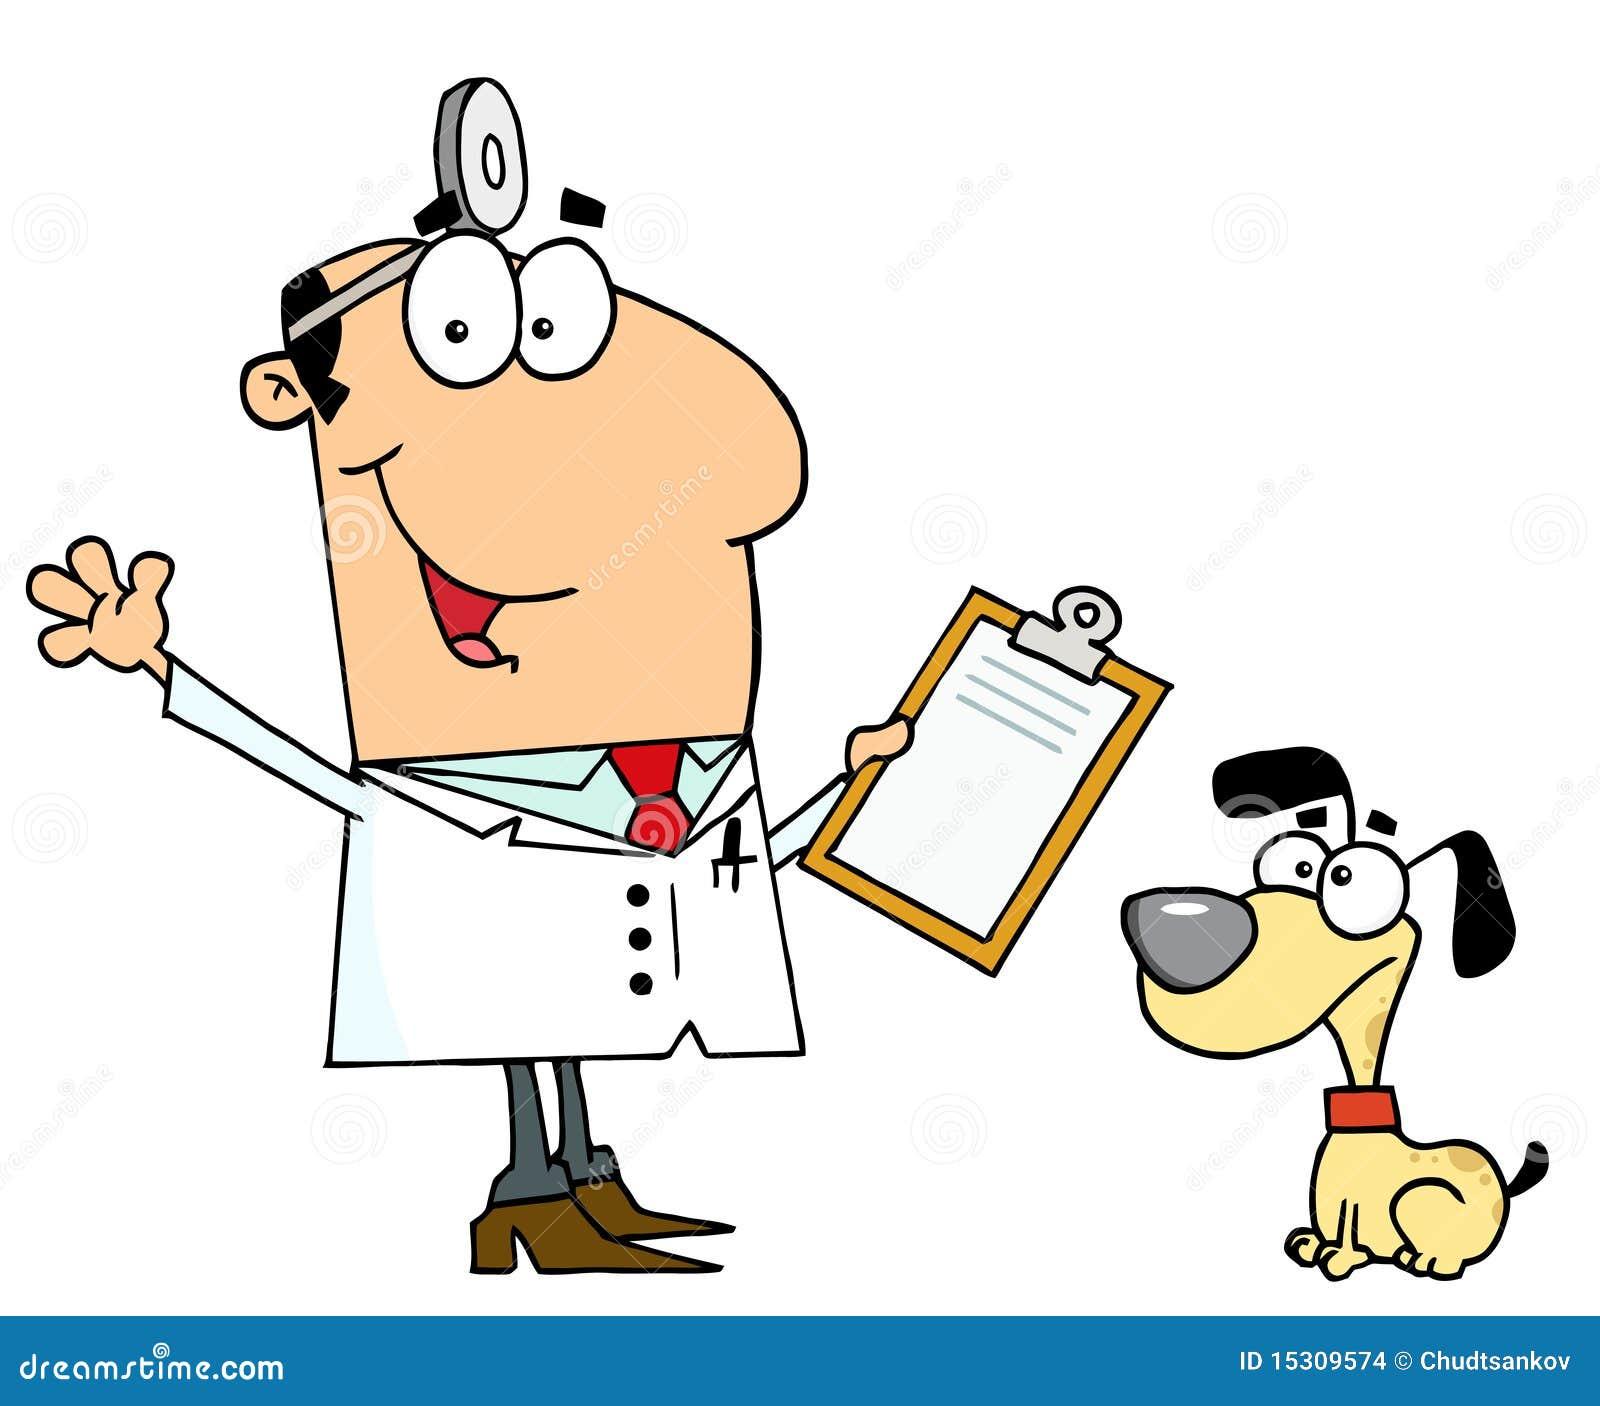 Immagini stock: uomo caucasico del veterinario del cane del fumetto